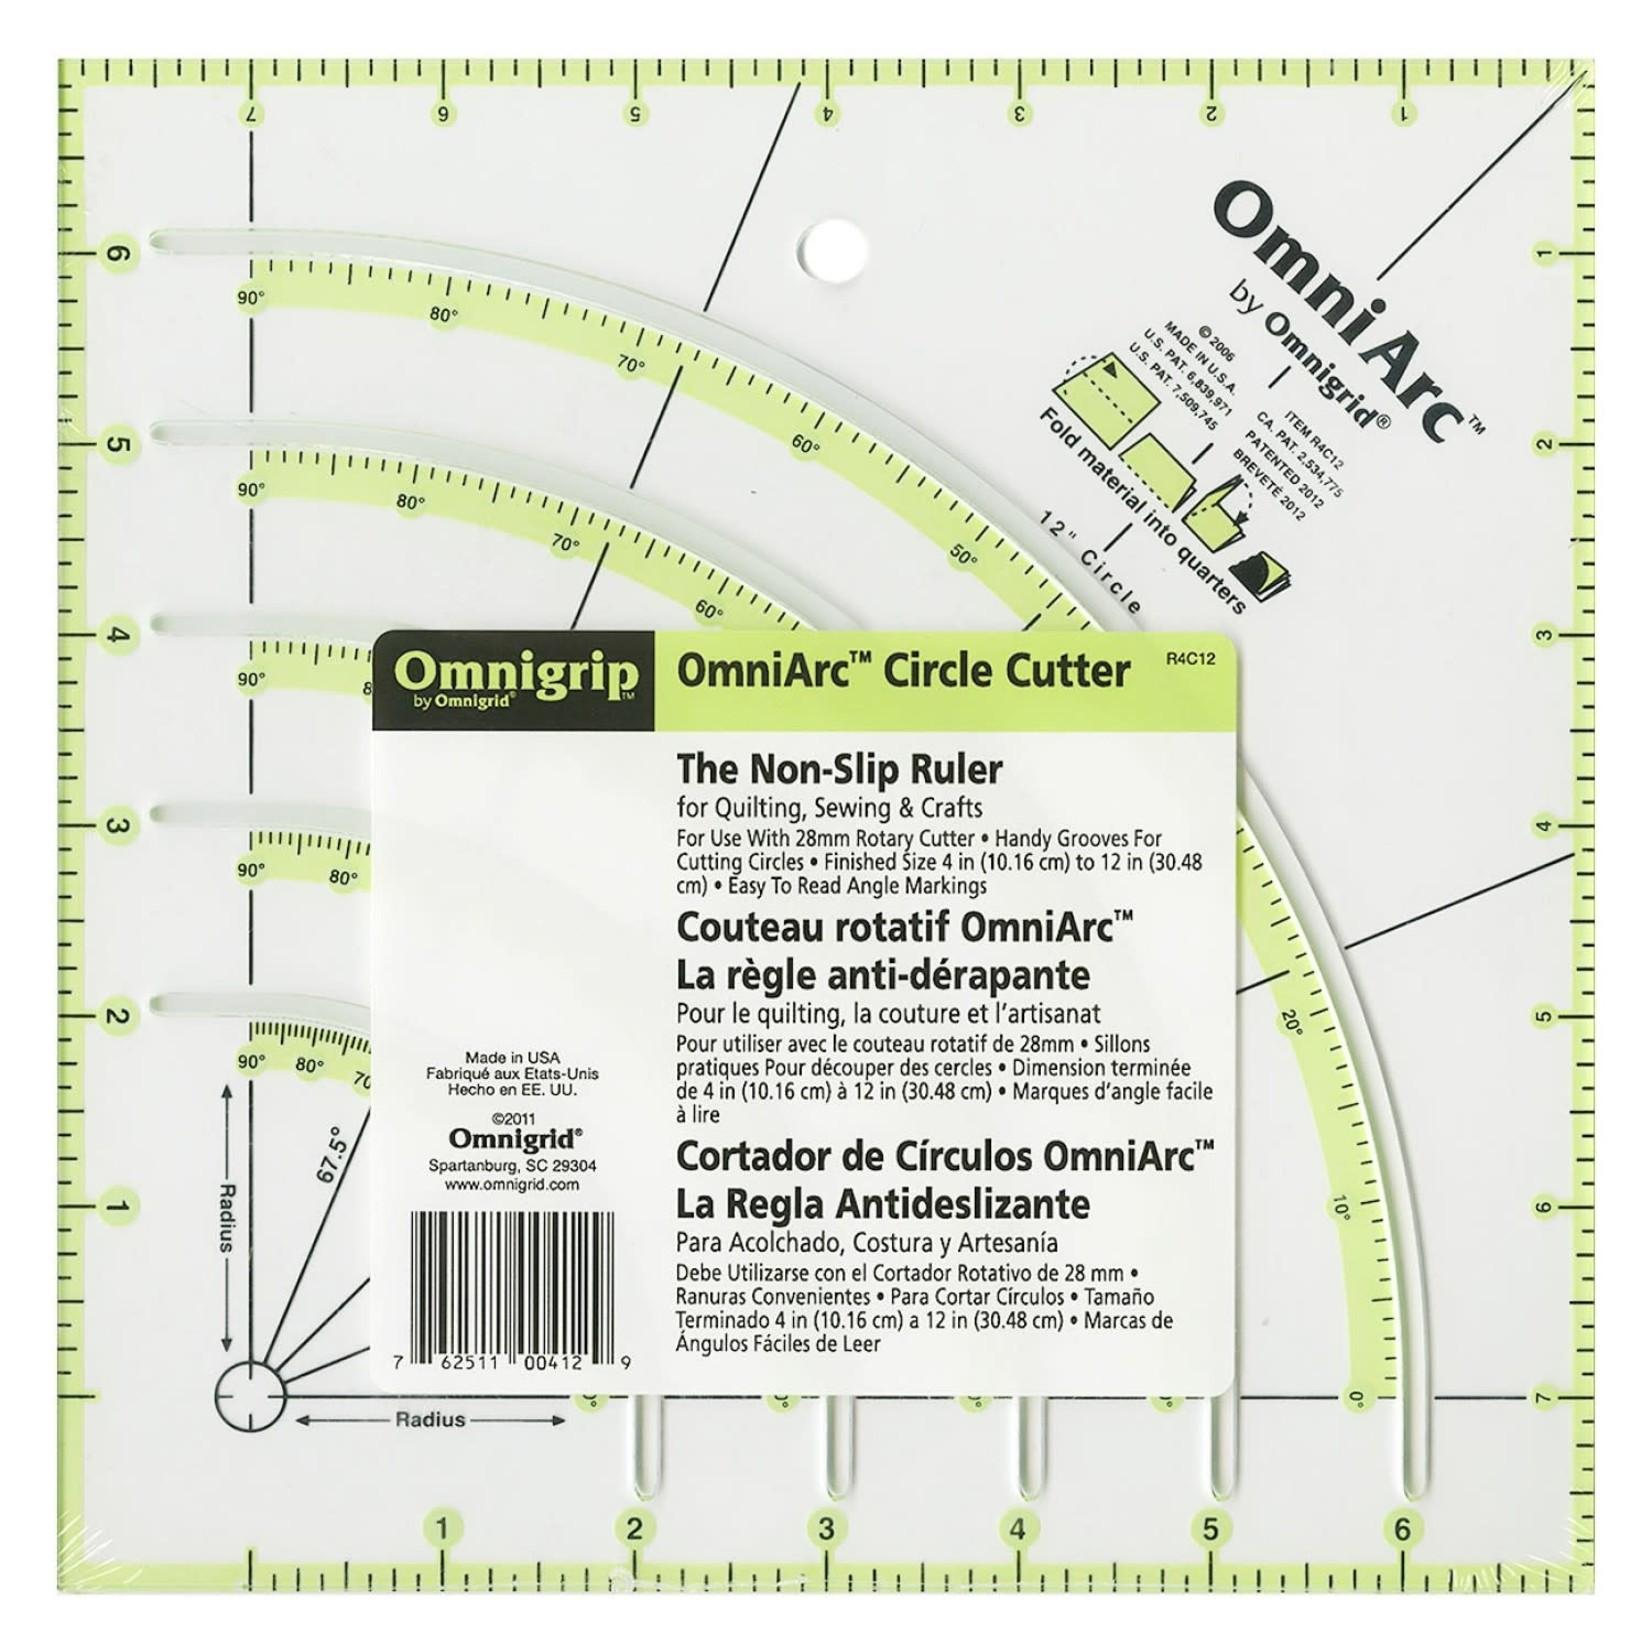 Omnigrid Liniaal - Omnigrip - OmniArc Circle Cutter